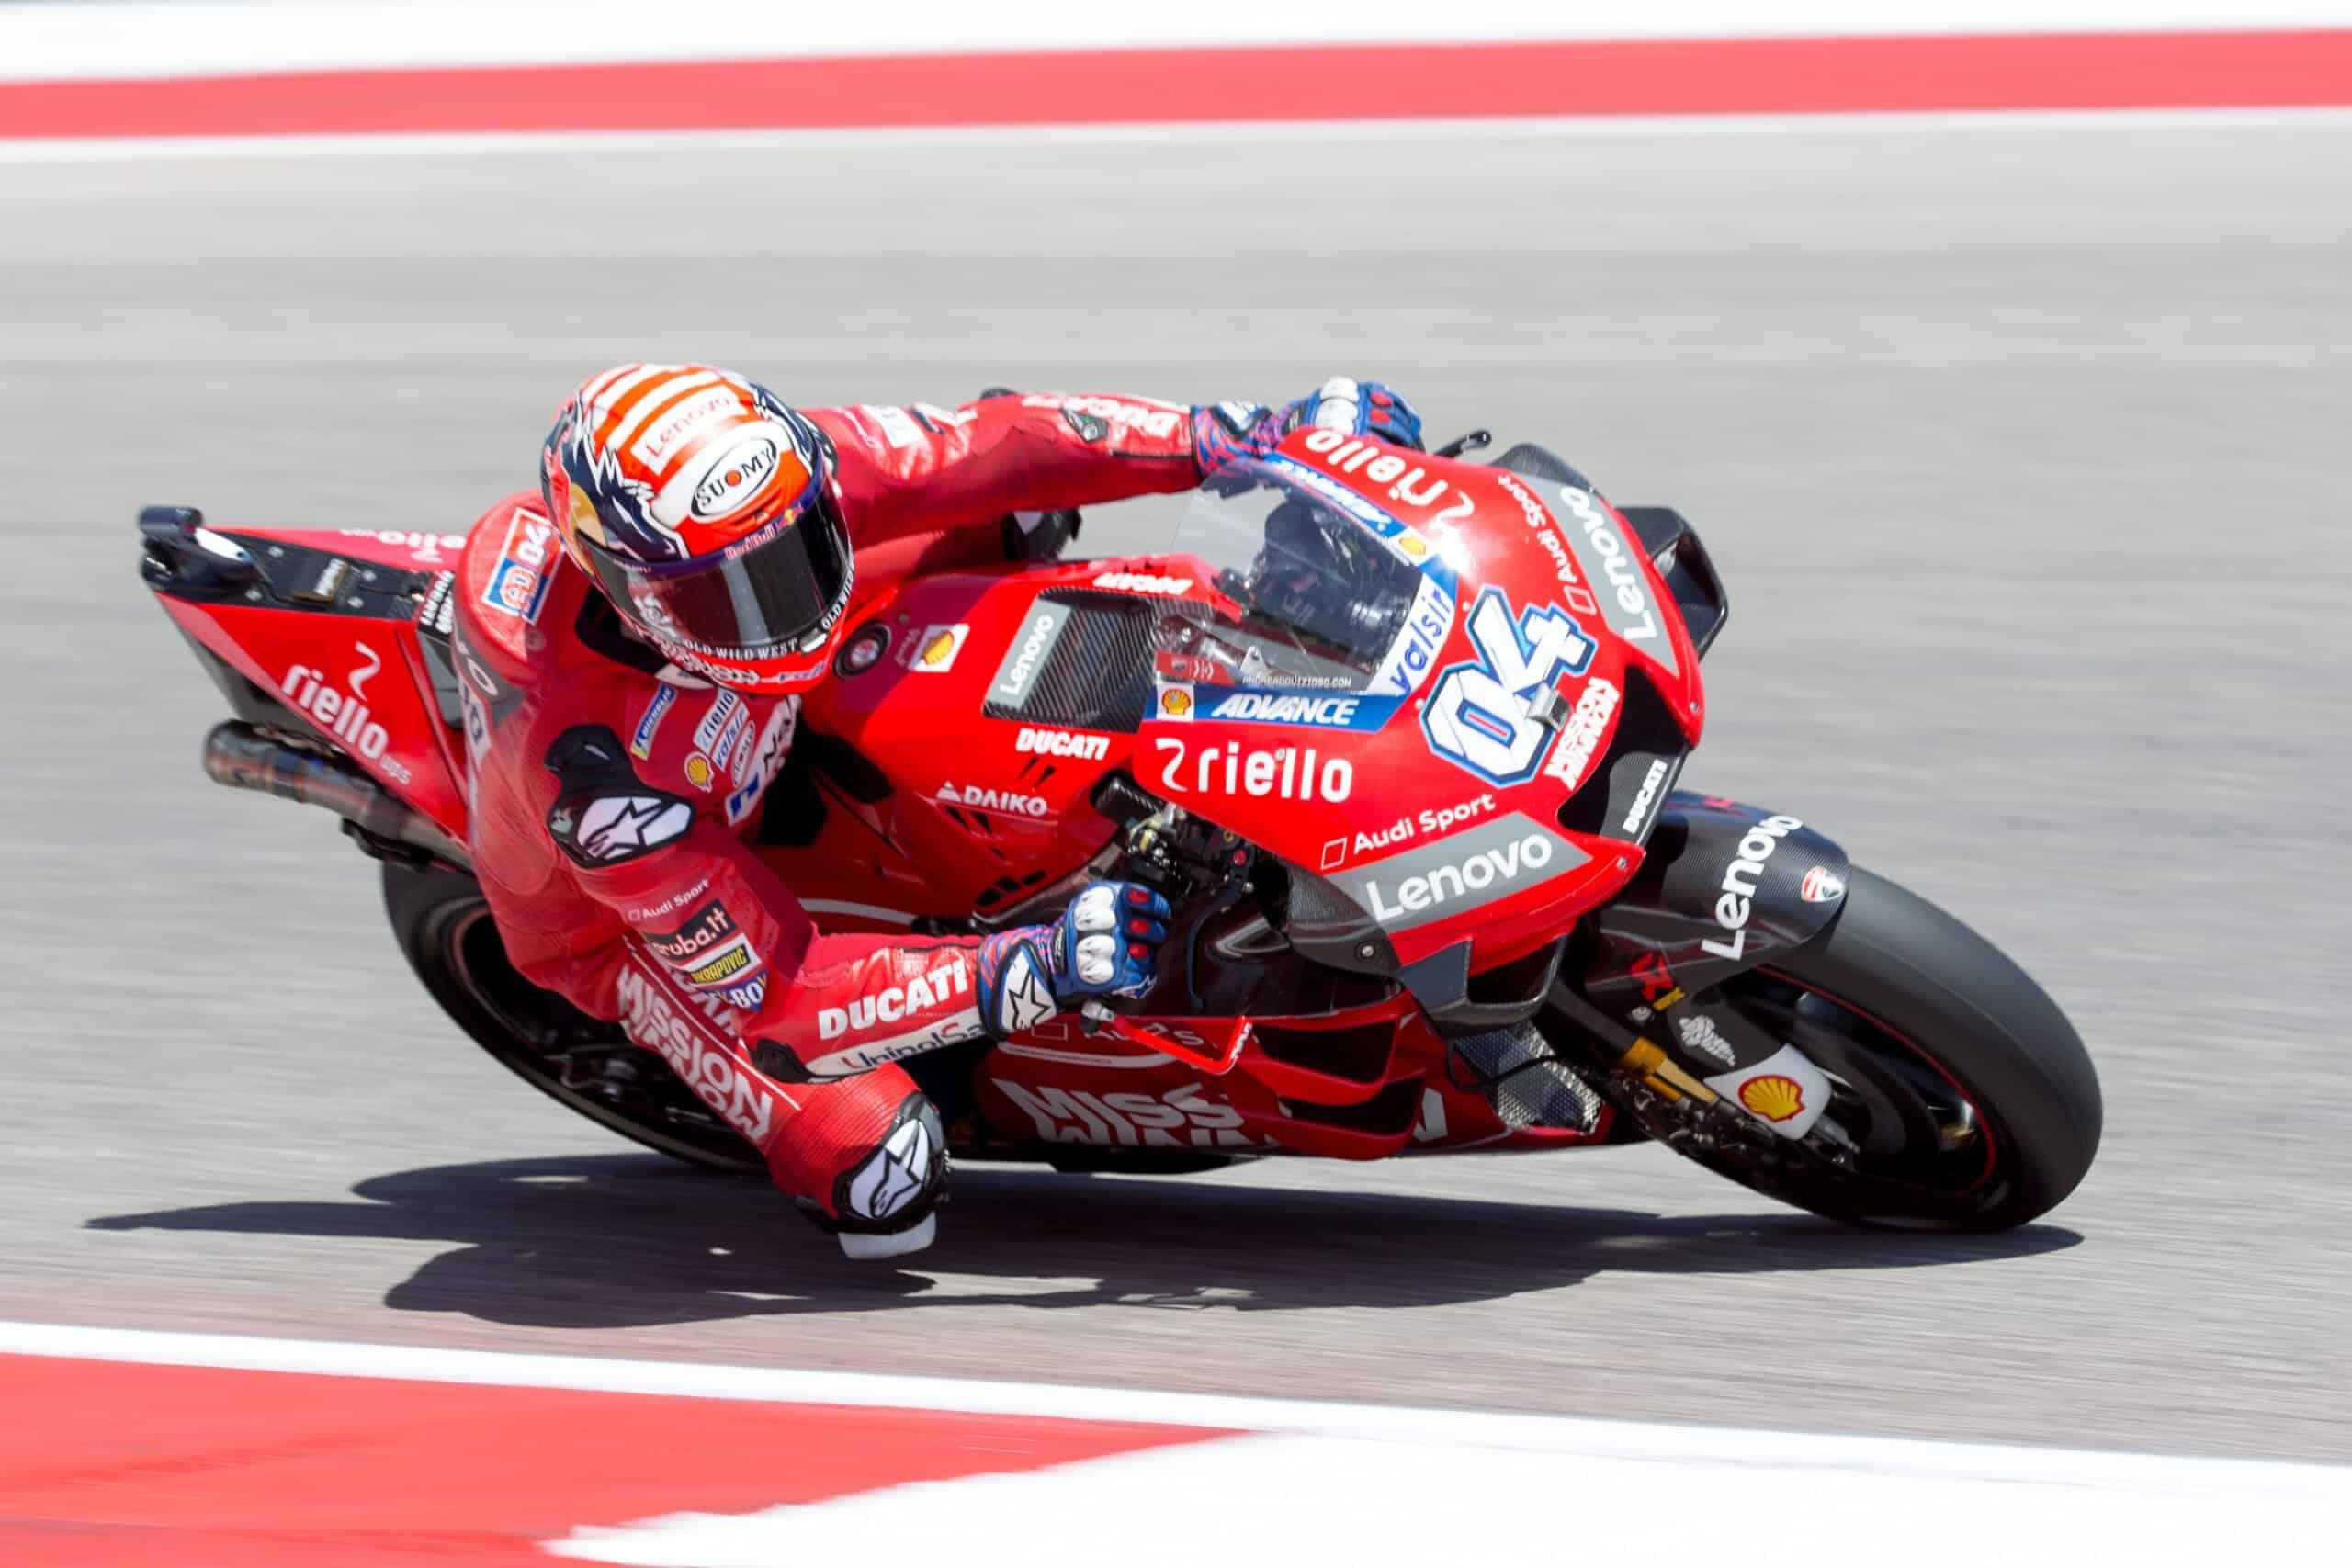 Come scommettere sulla MotoGP